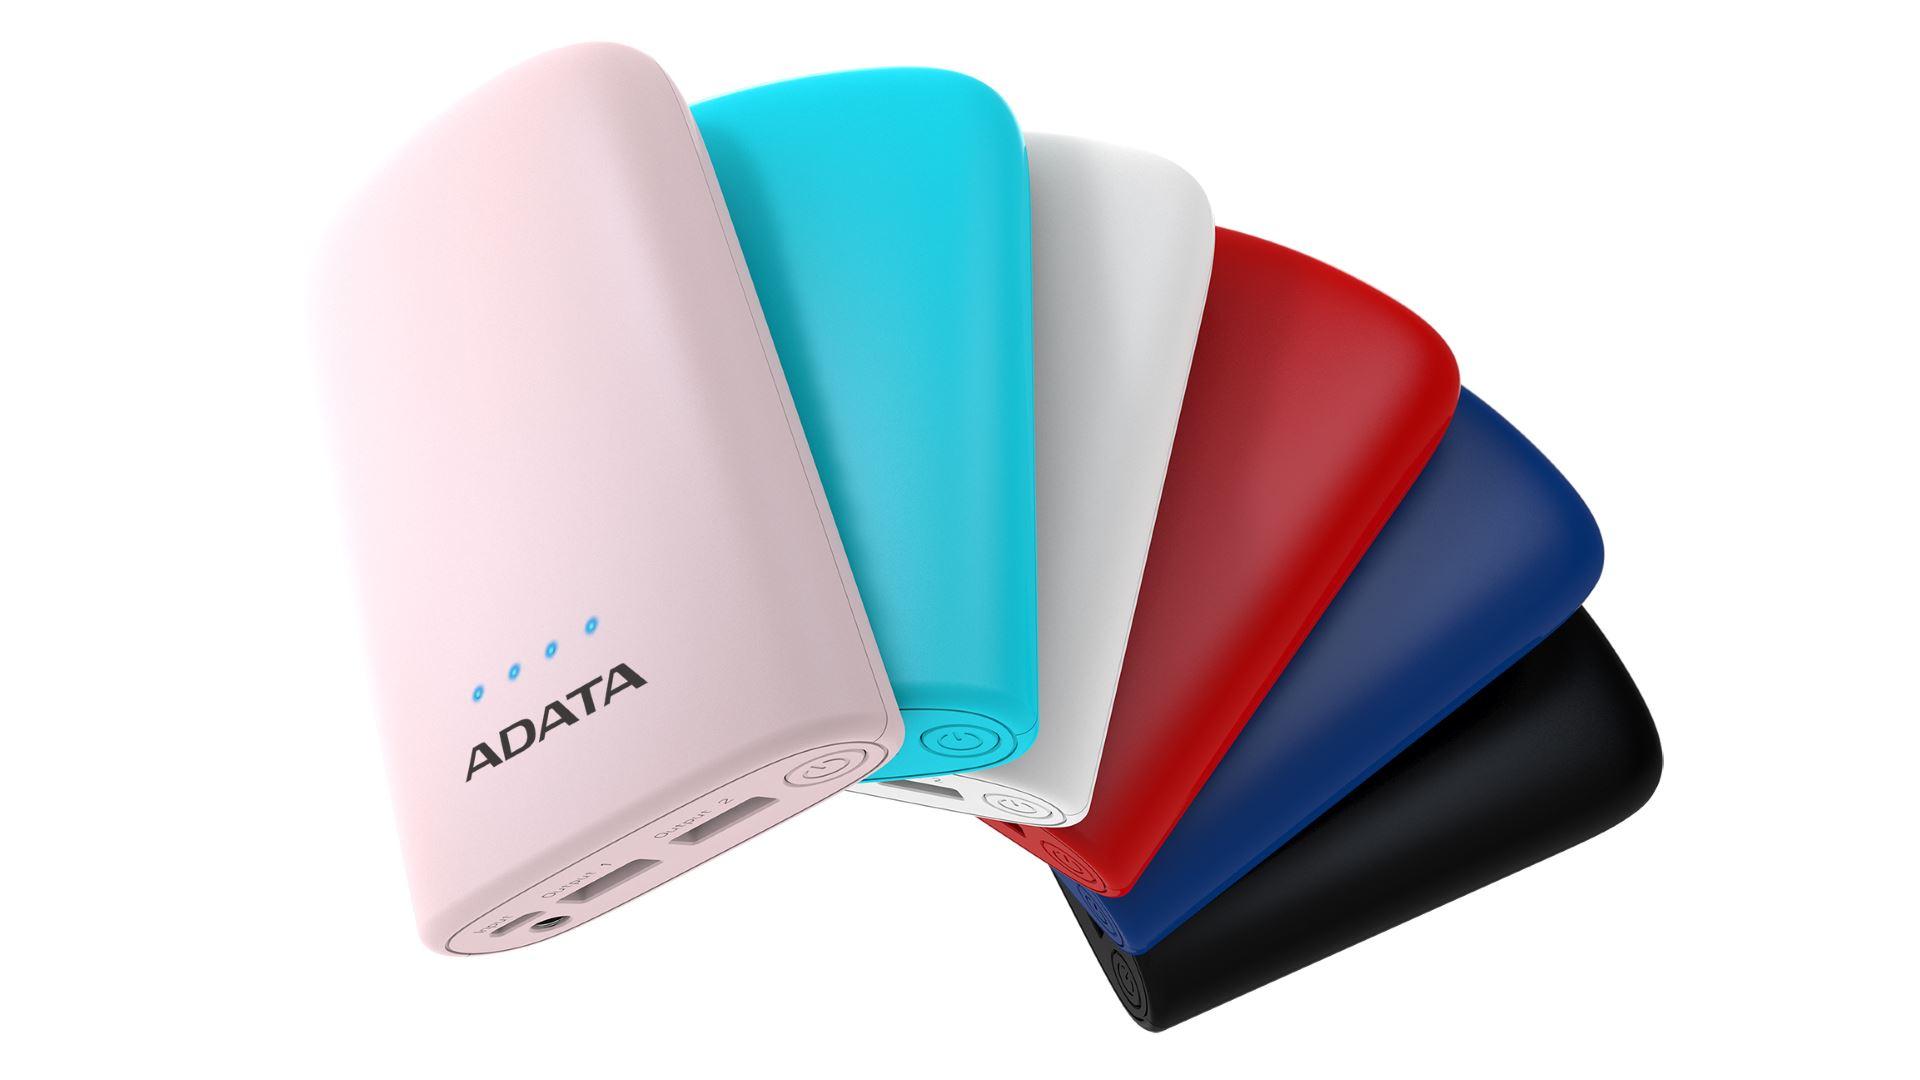 На иллюстрации изображены рендеры аккумулятора ADATA P10050V розового, голубого, белого, красного, синего и чёрного цветов с видом сбоку